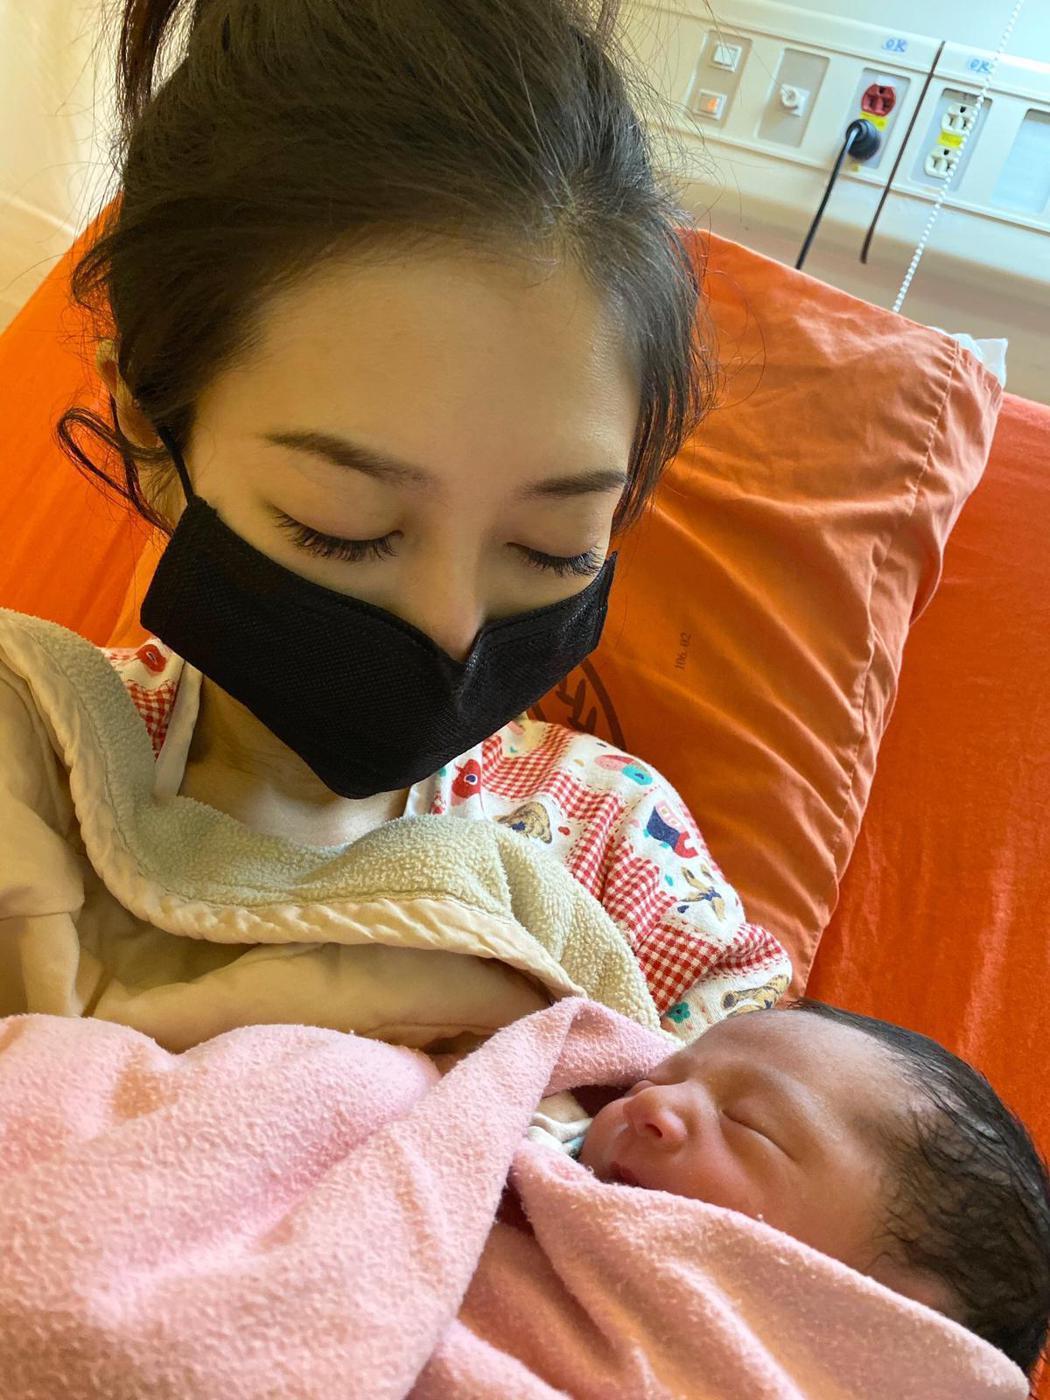 潘逸安老婆 Vivian順利產下健康女兒。圖/艾迪昇傳播提供